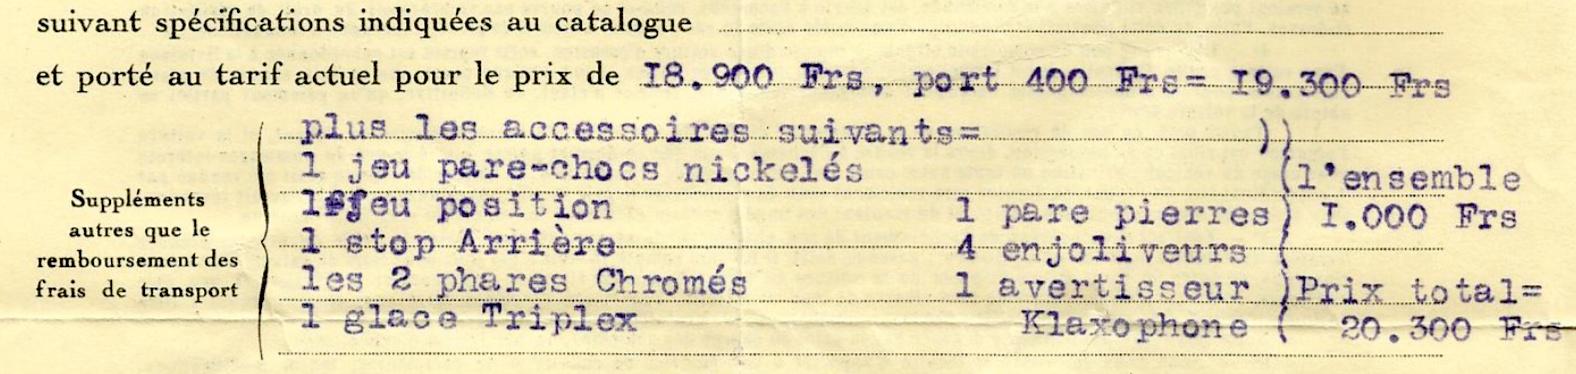 DES ACCESSOIRES D'ÉPOQUE POUR 201 1931 Comman11